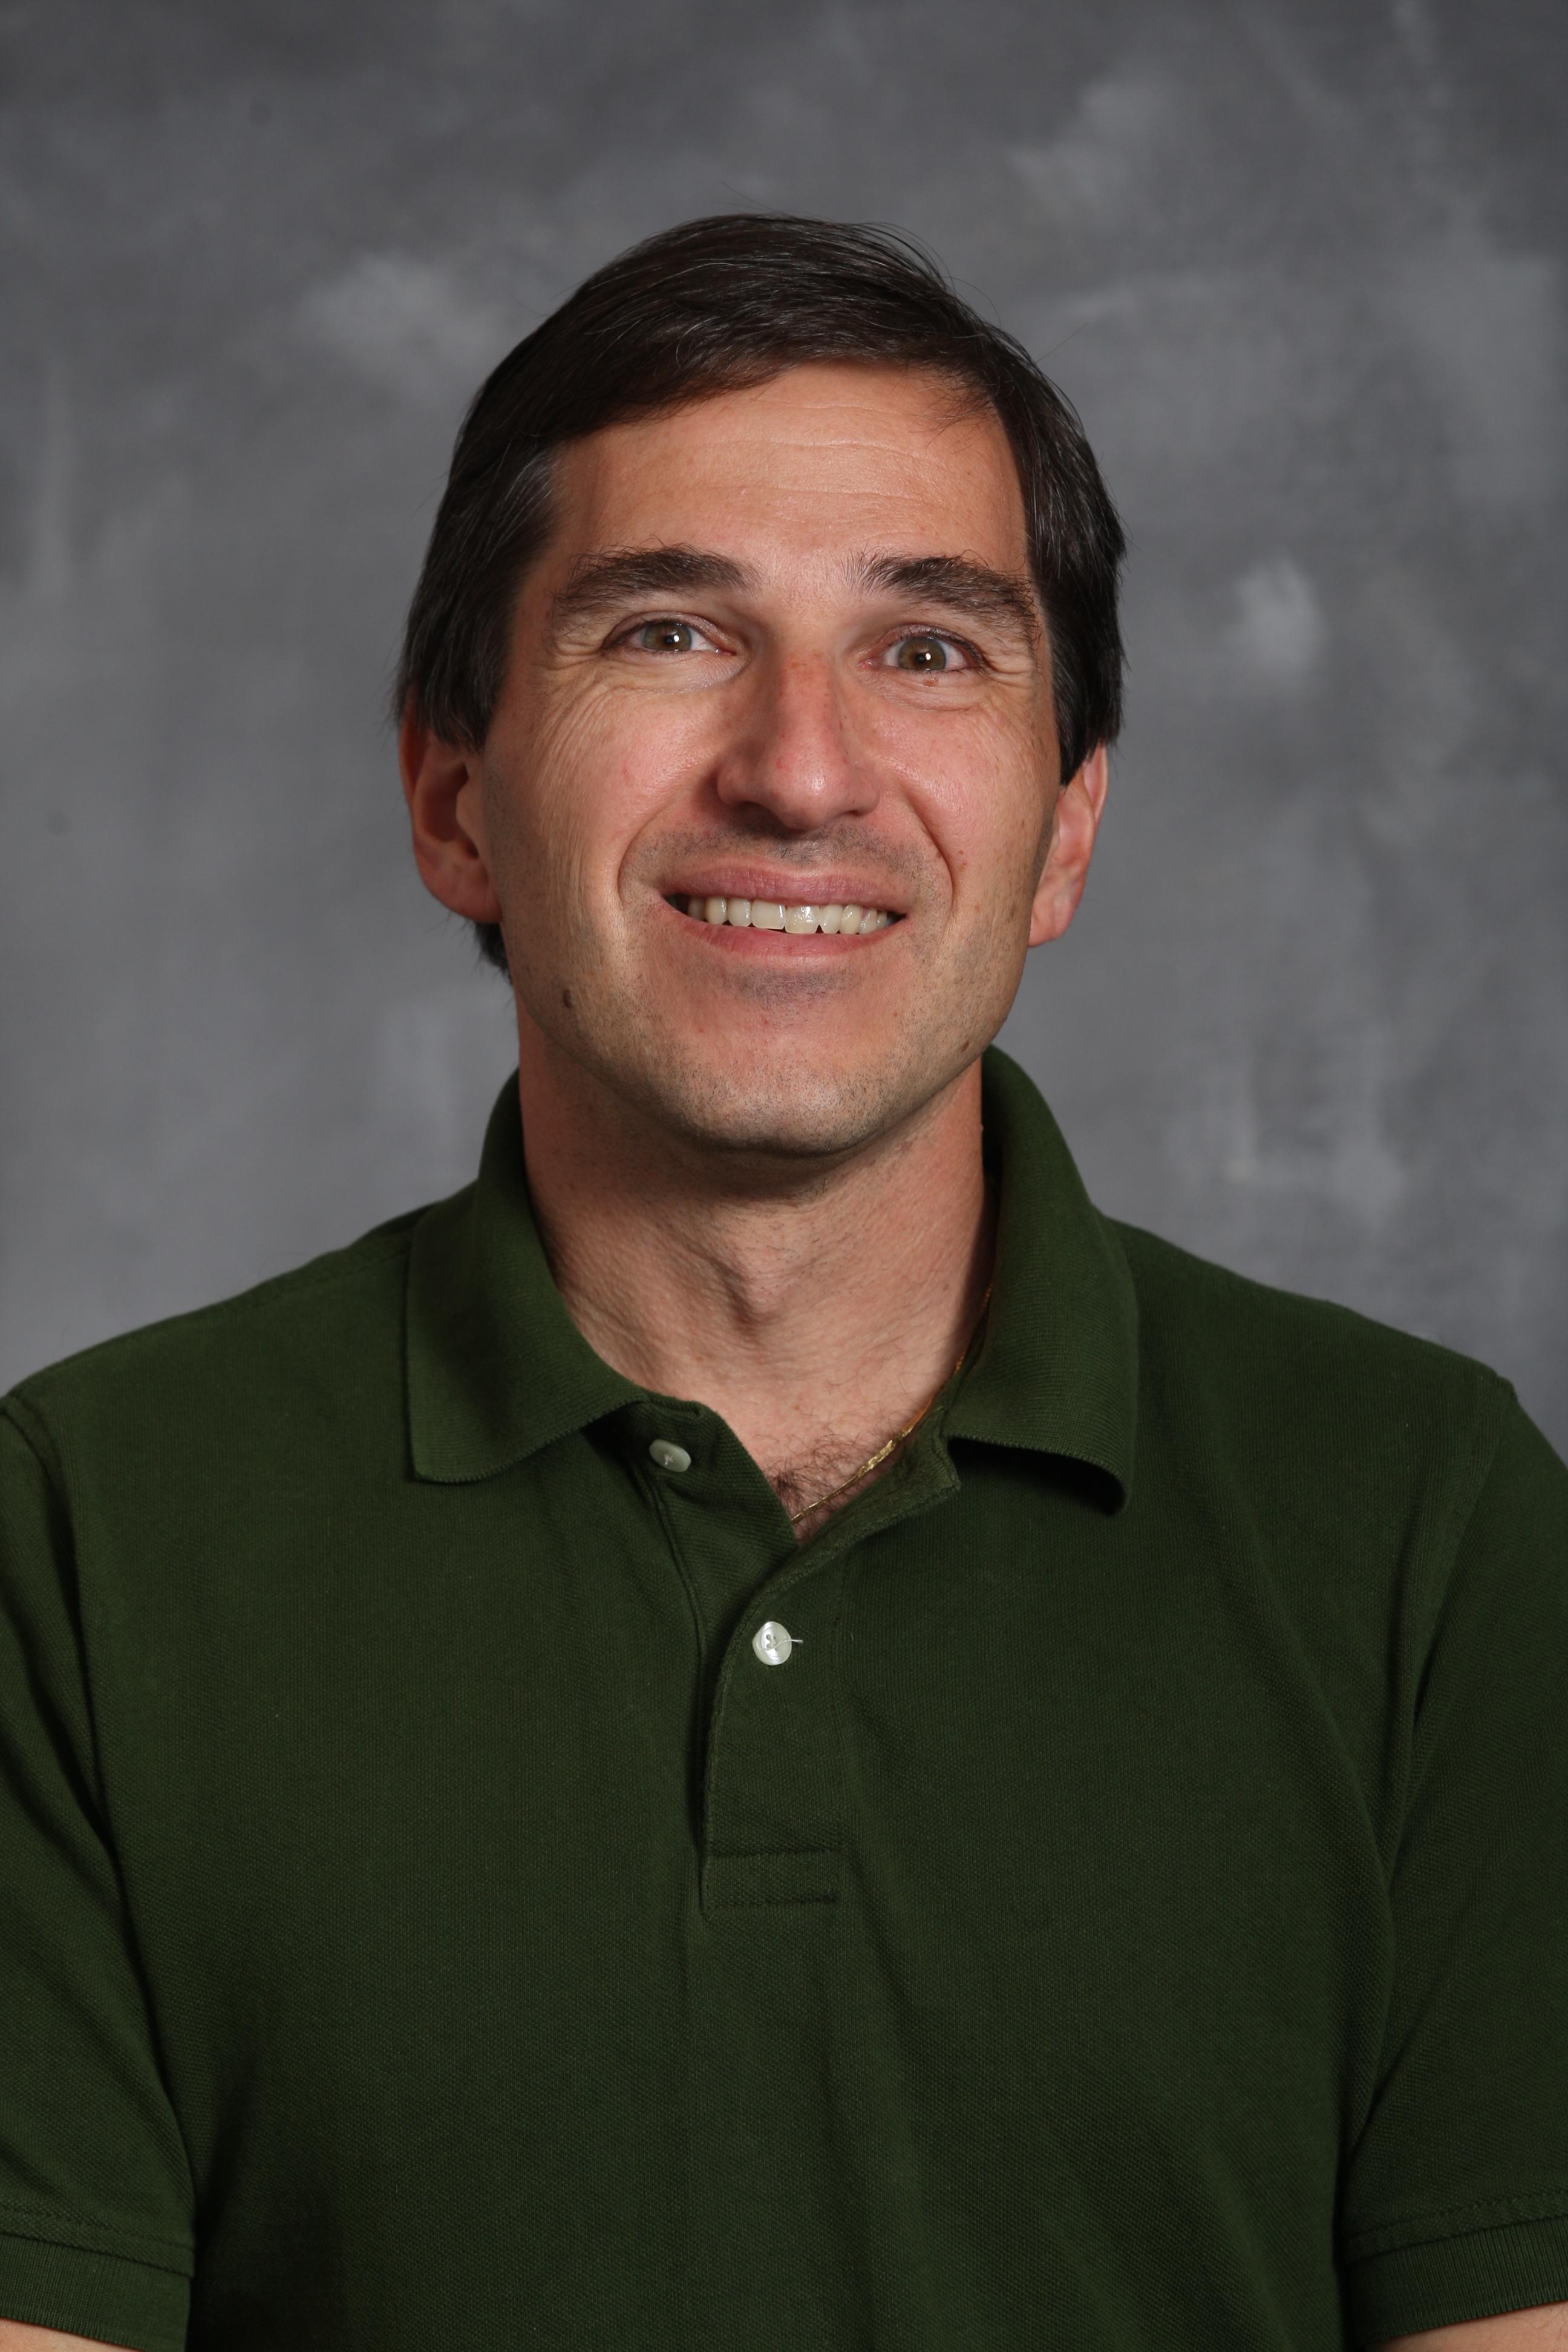 Nicholas Morog, MD